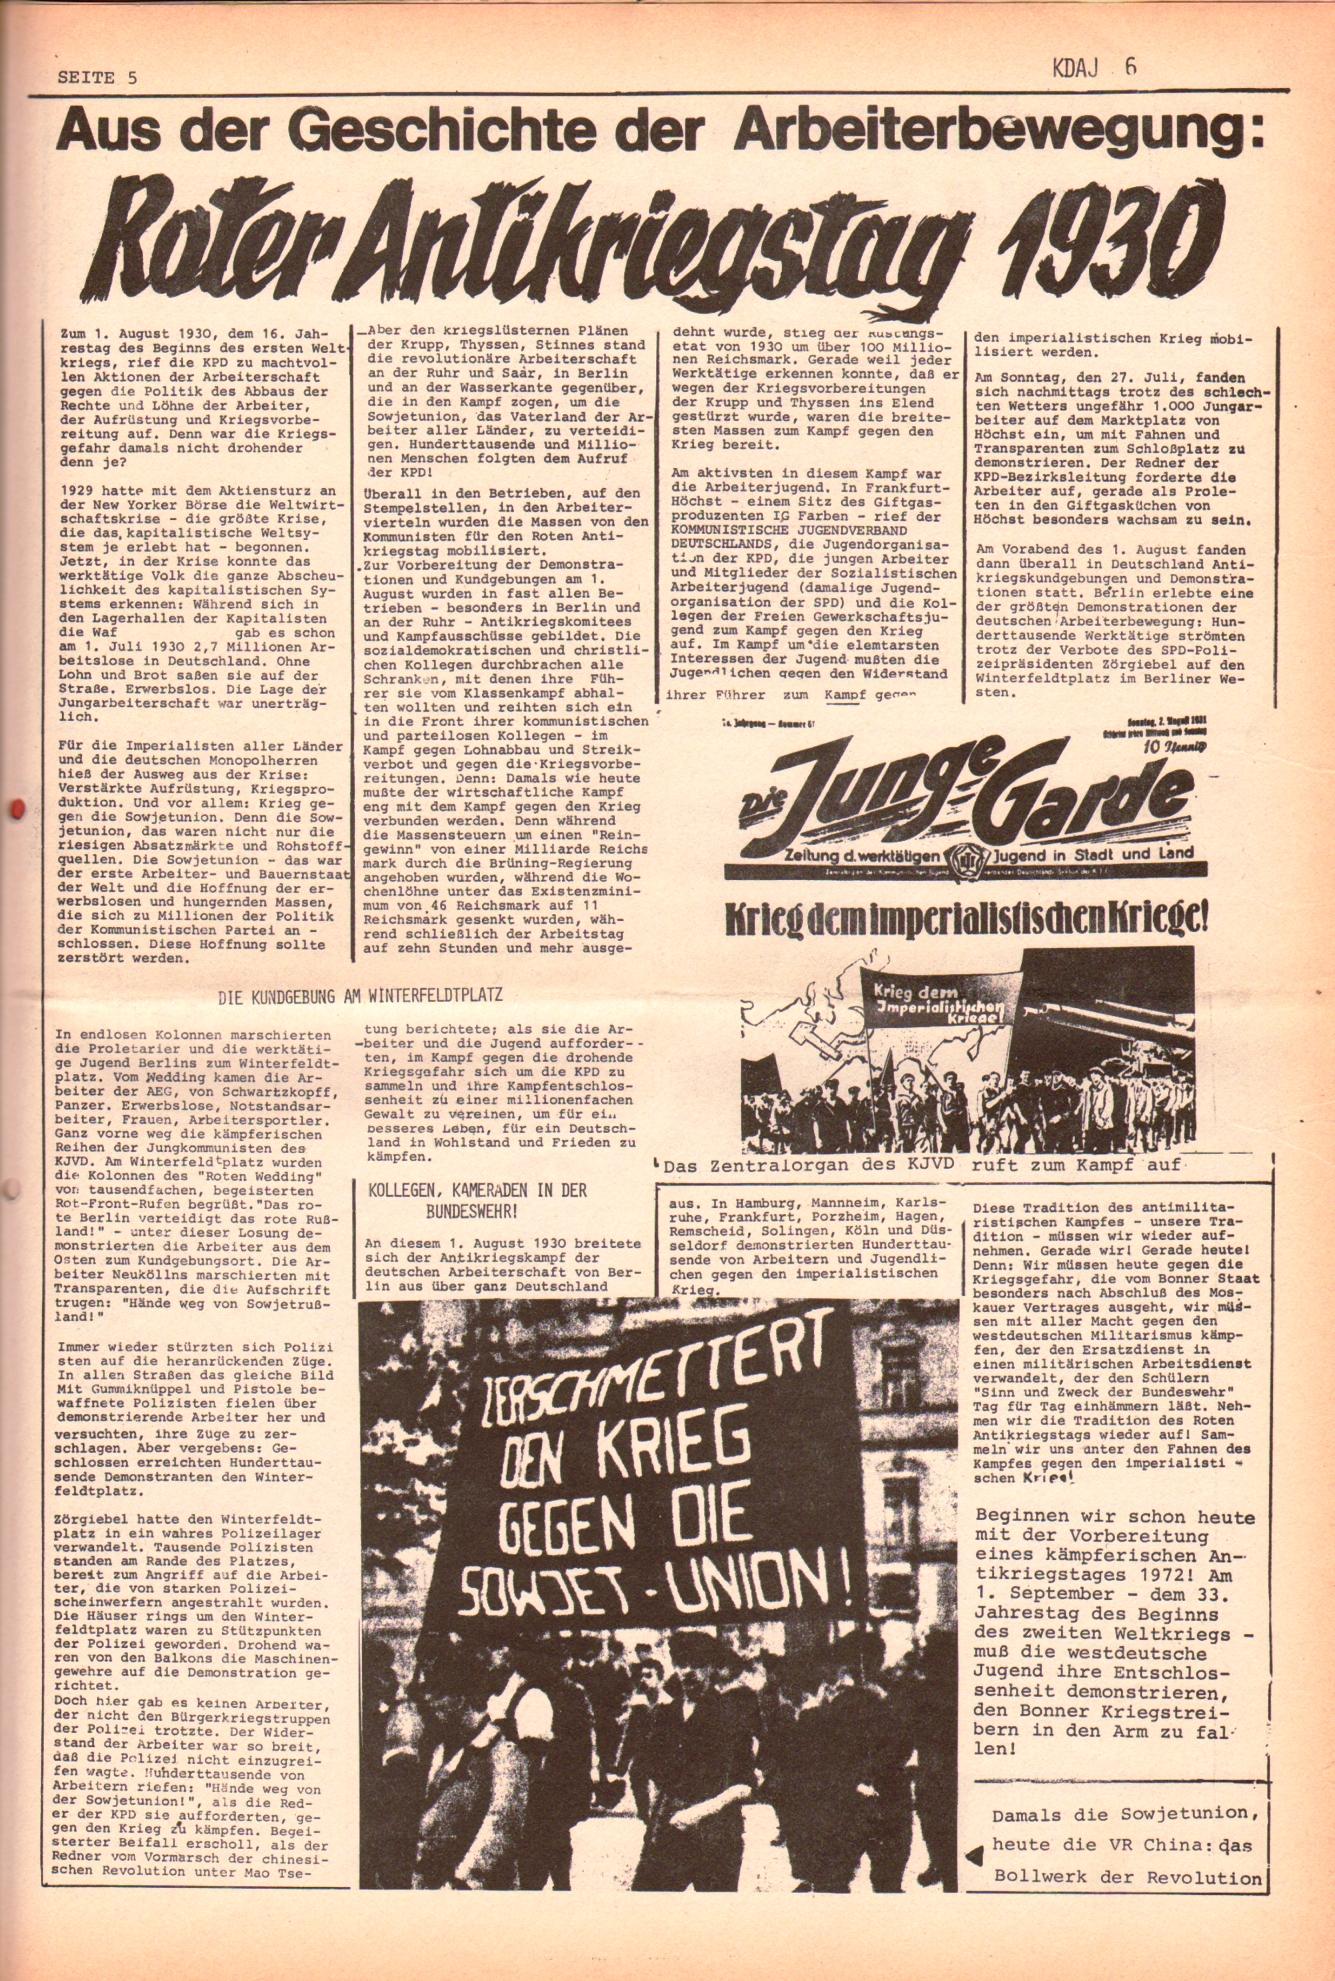 KDAJ, 3. Jg., Juli 1972, Nr. 6, Seite 5